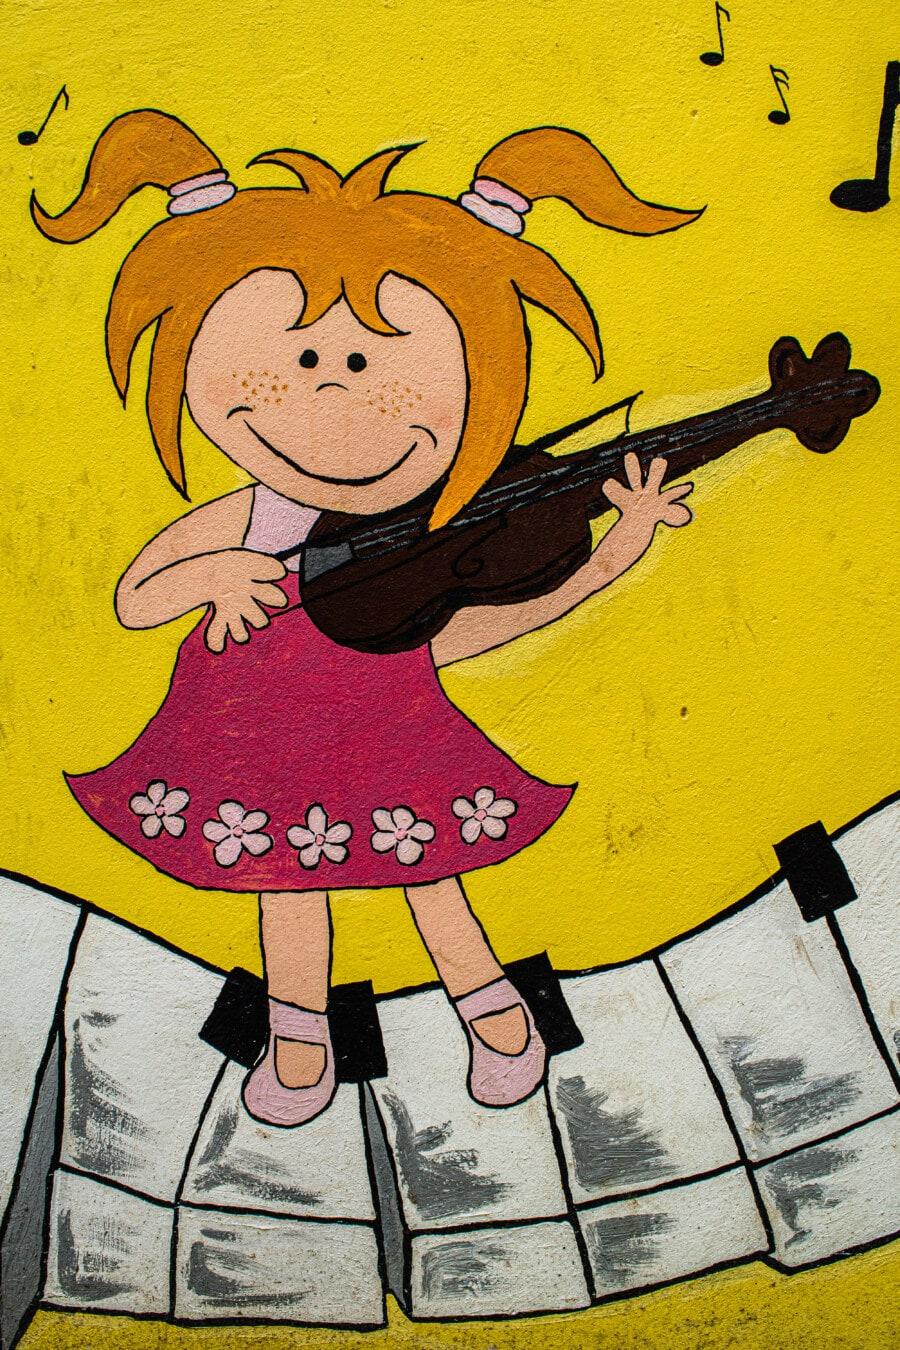 jeune fille, Graffiti, croquis, musicien, violon, art, illustration, drôle, conception, peinture